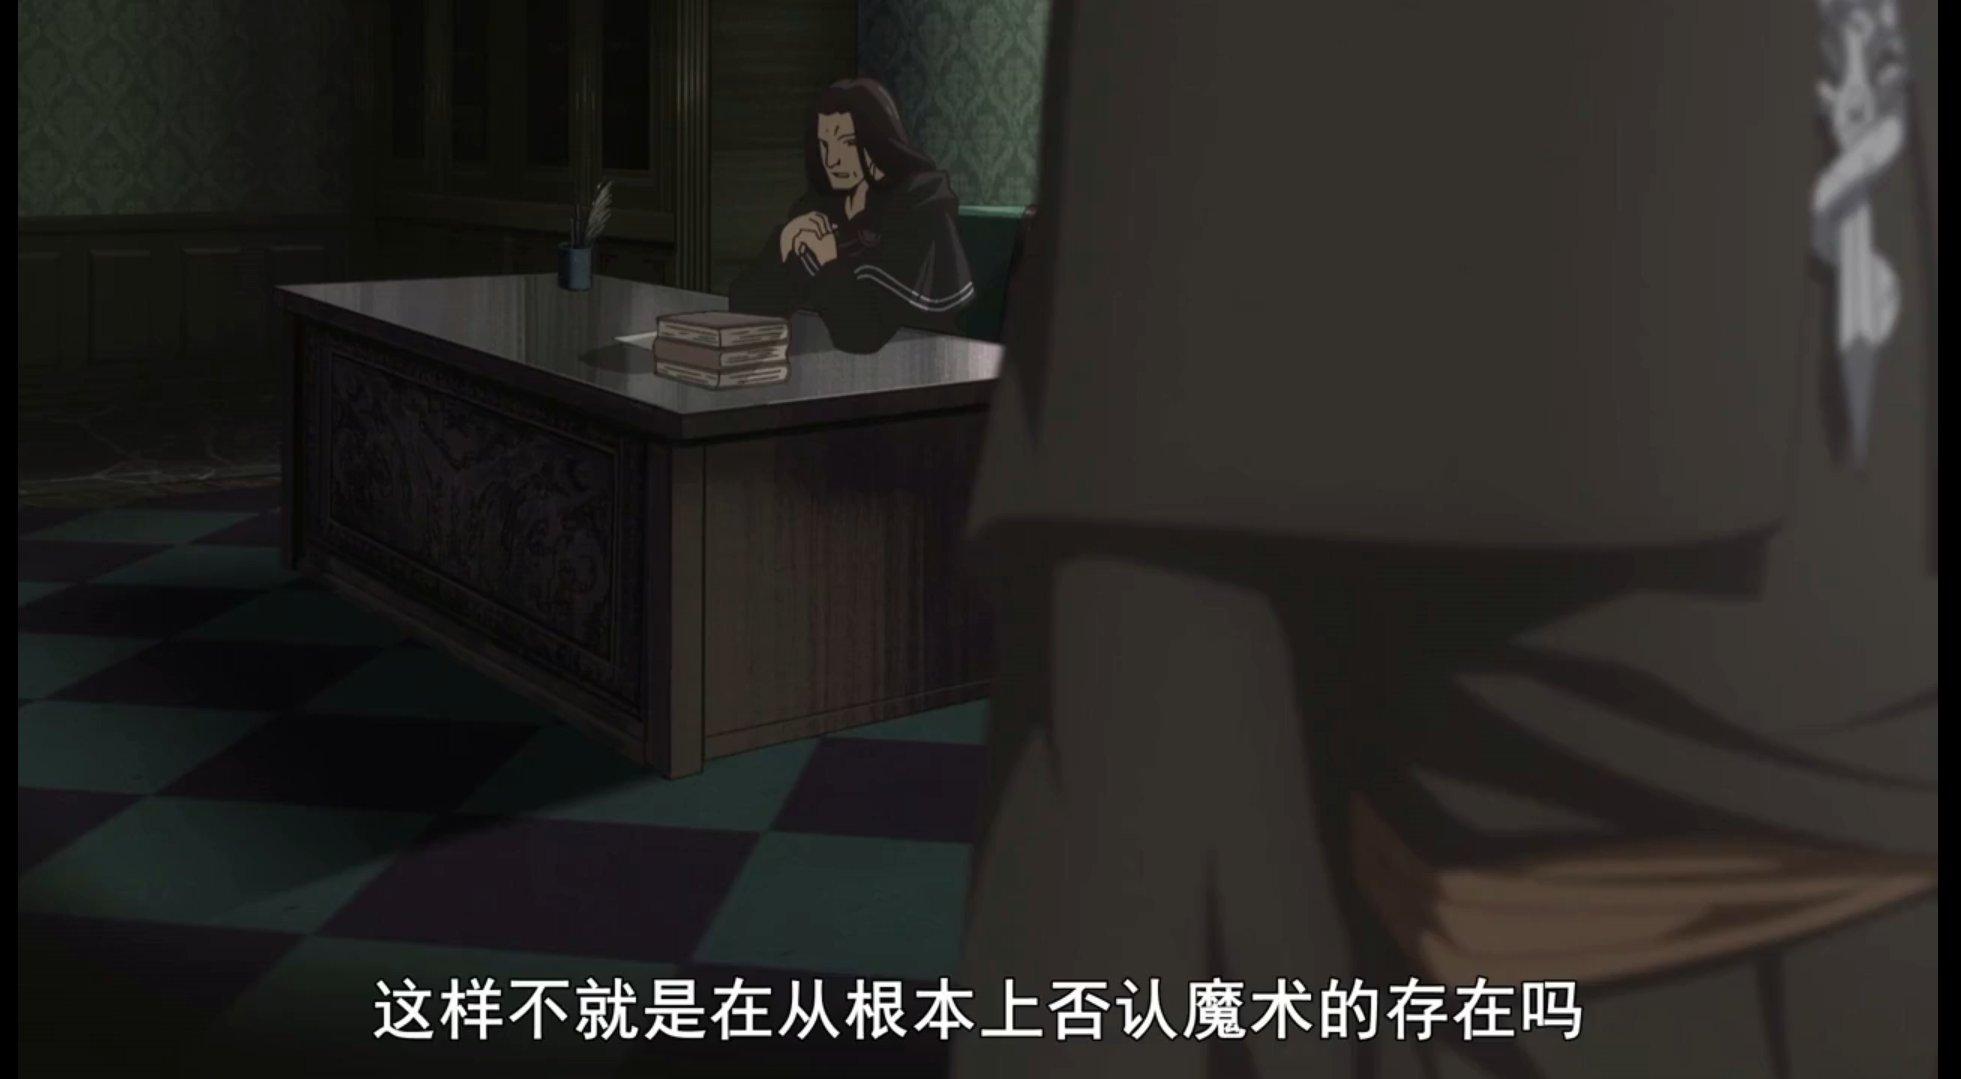 【动漫资源】魔术士欧菲流浪之旅